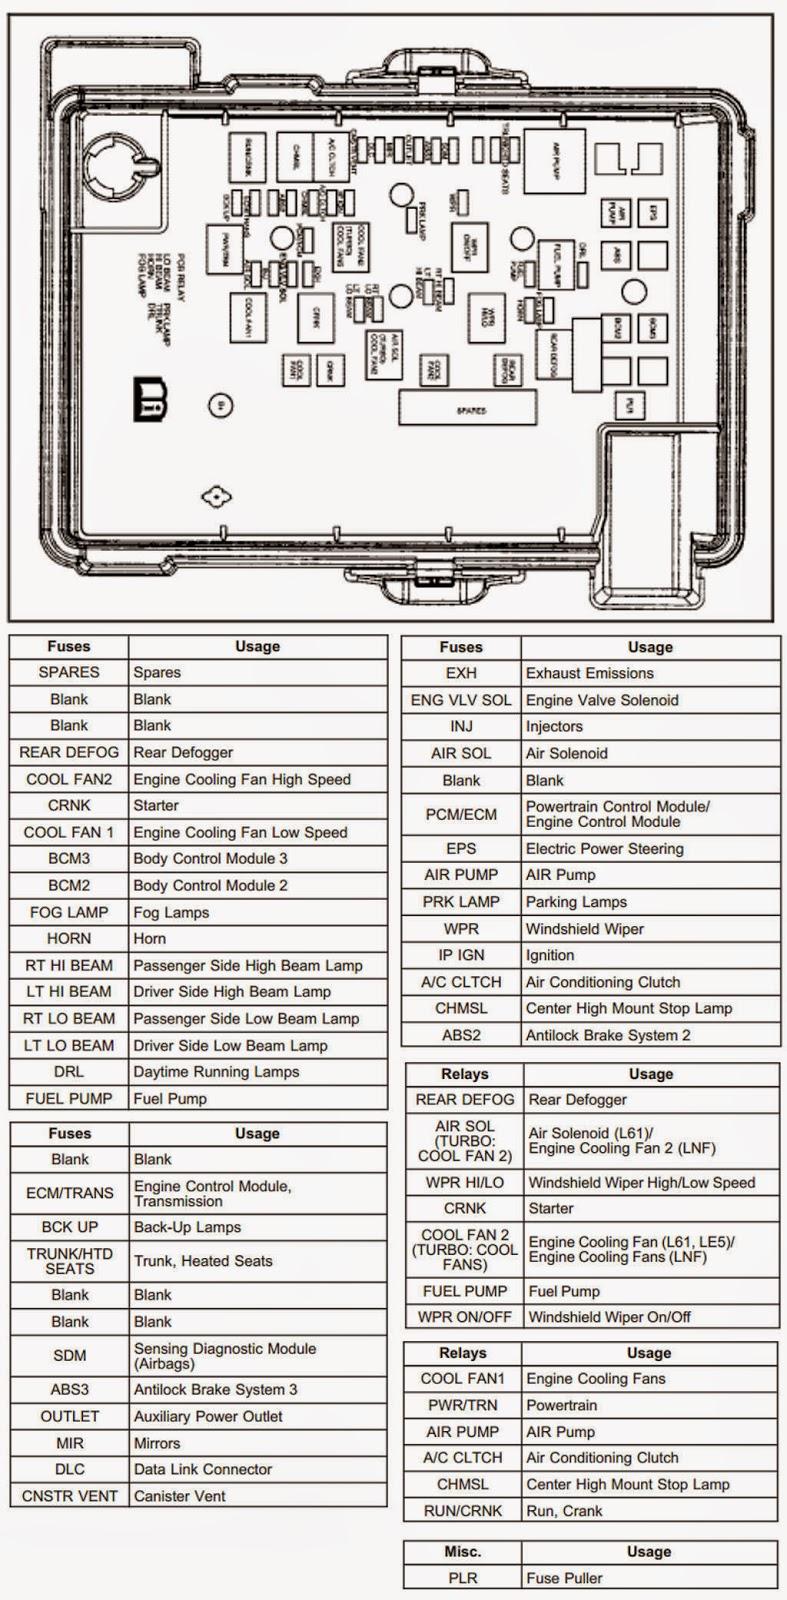 2006 chevy hhr interior fuse box diagram